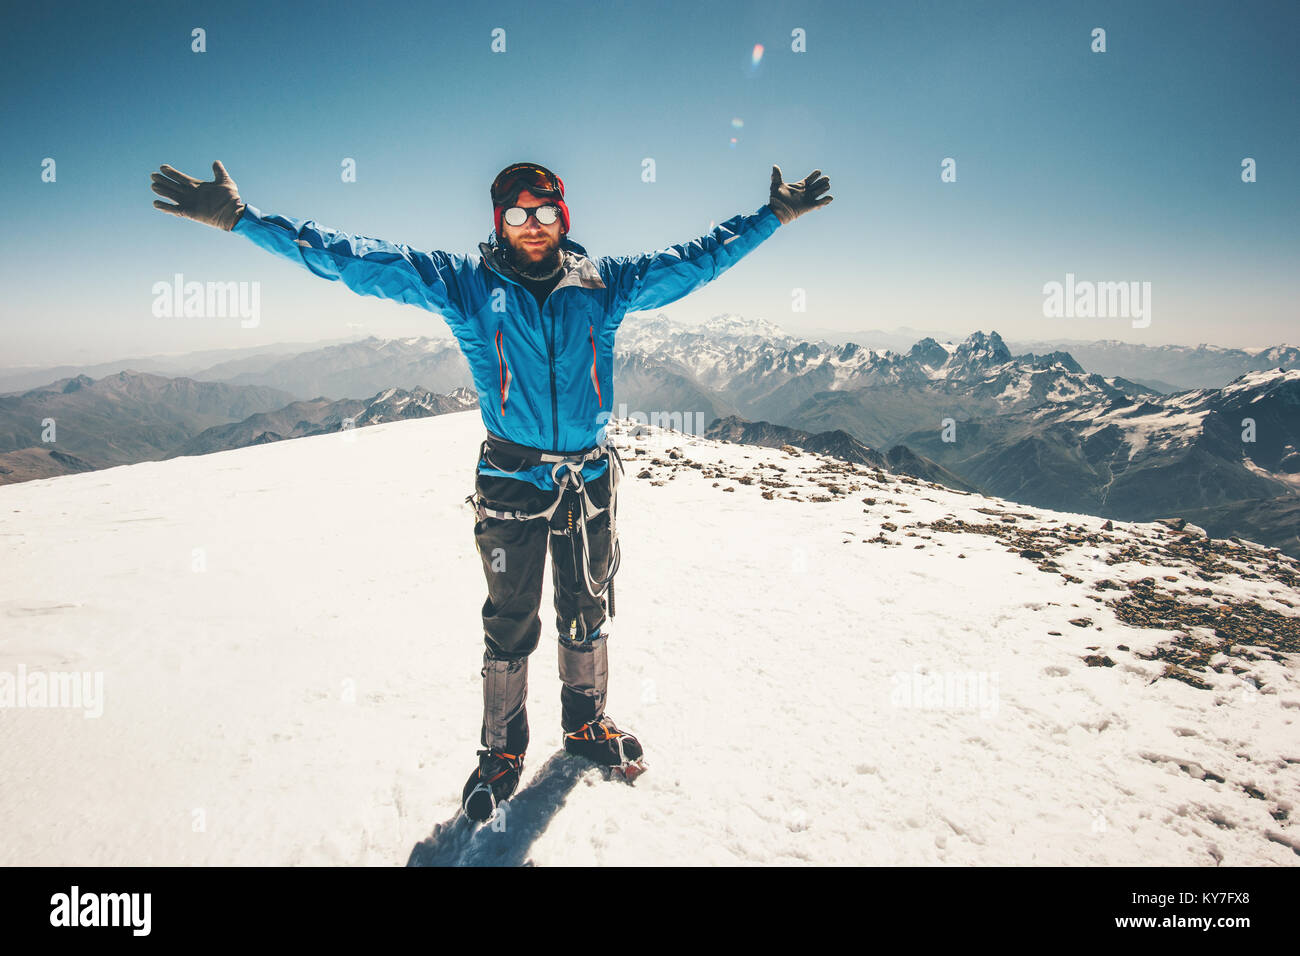 Kletterer Mann auf Elbrus Berg, der im Osten Gipfel Reisen Lifestyle erfolg konzept Abenteuer aktiv Urlaub Outdoor Stockbild